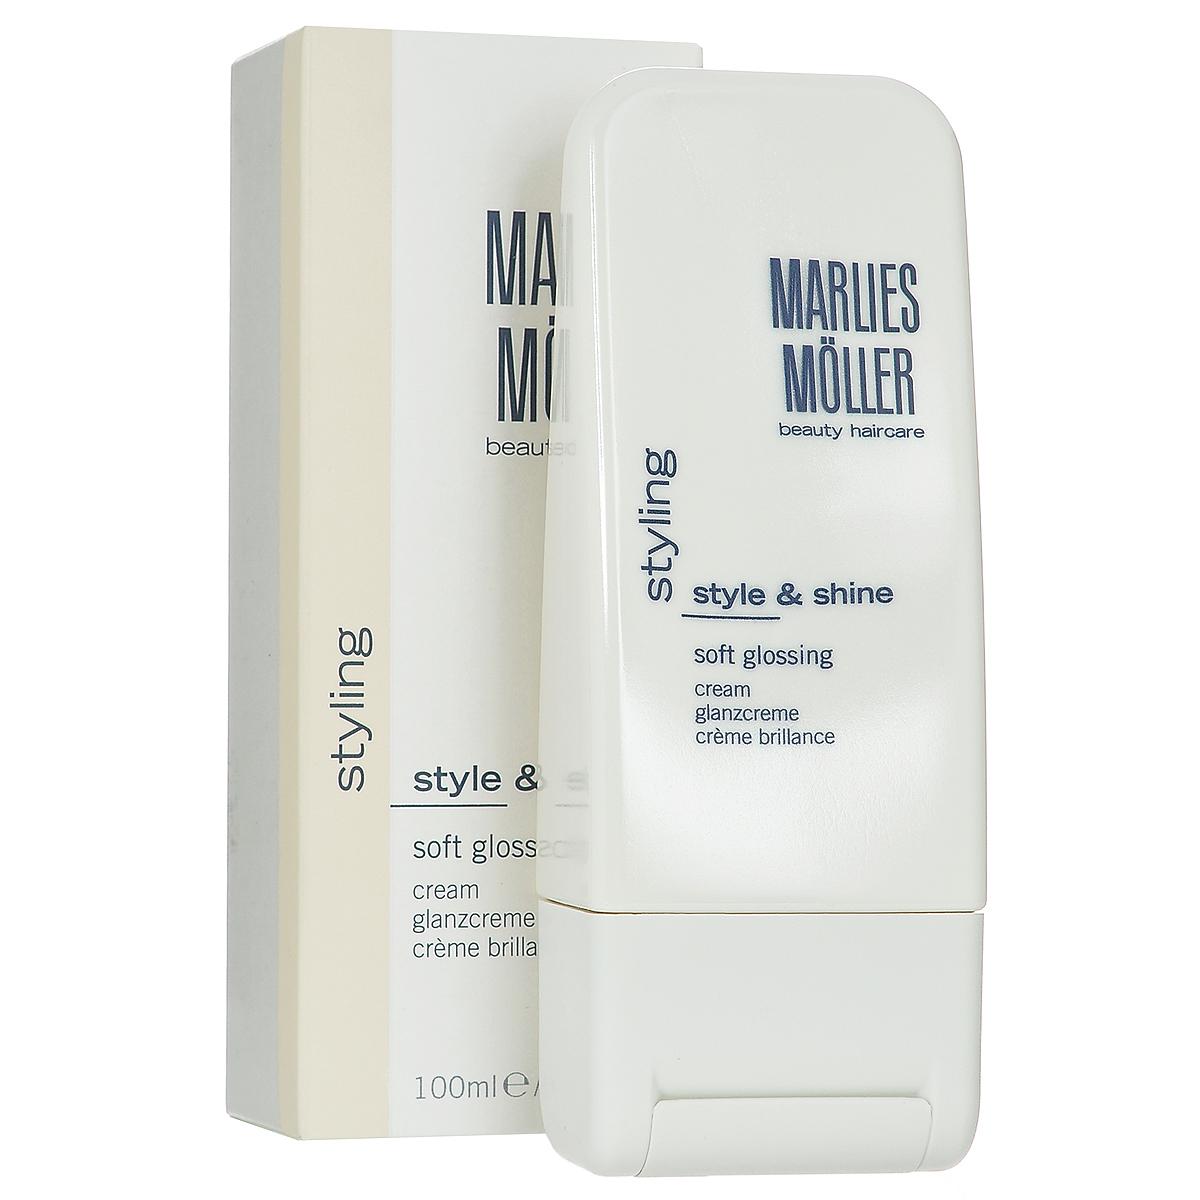 Marlies Moller Крем-блеск Styling, для выпрямления волос, 100 мл бальзам marlies moller specialist bb beauty balm for miracle hair 100 мл